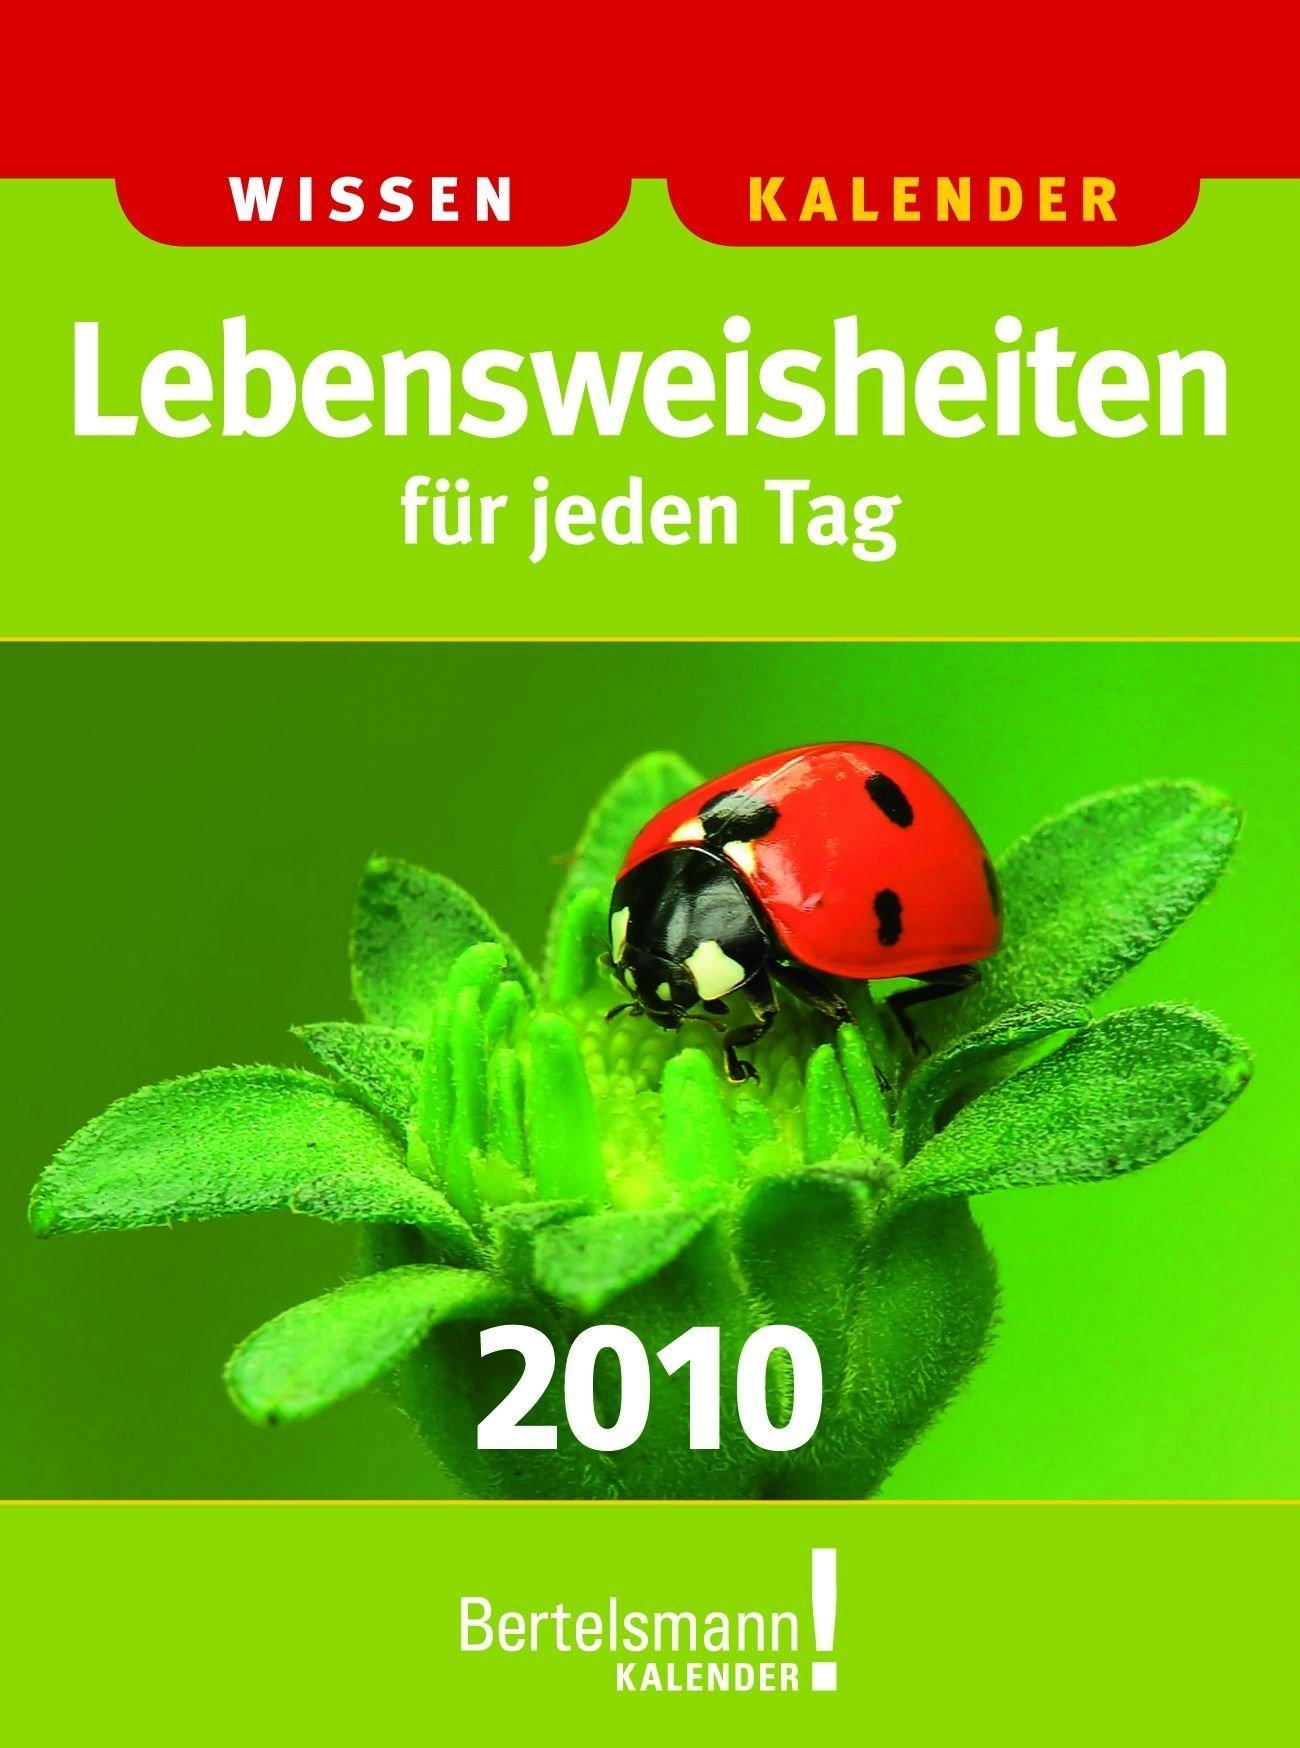 Kalender Lebensweisheiten für jeden Tag 2010